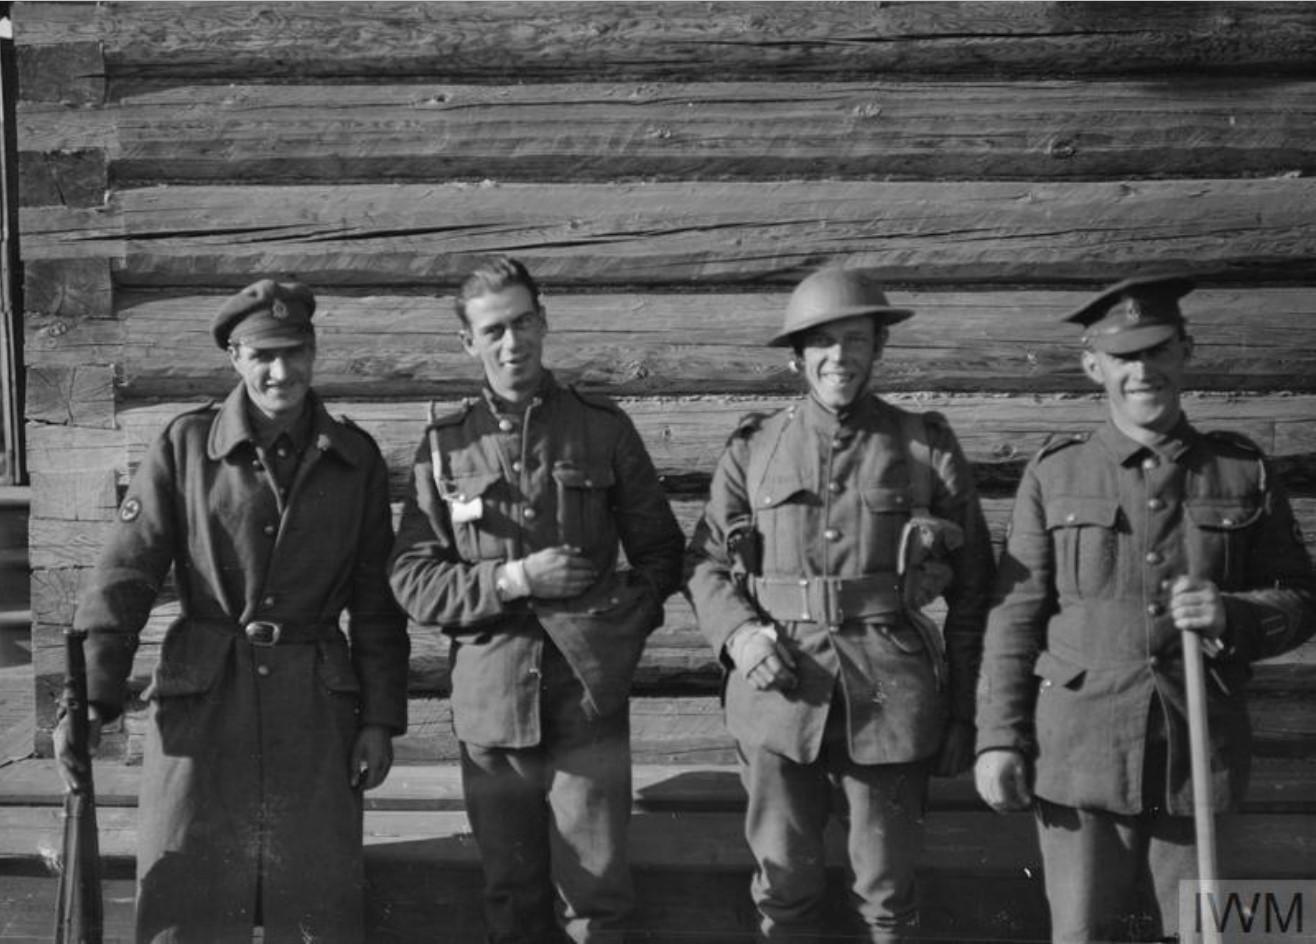 1919. Раненые британские солдаты, 17 сентября